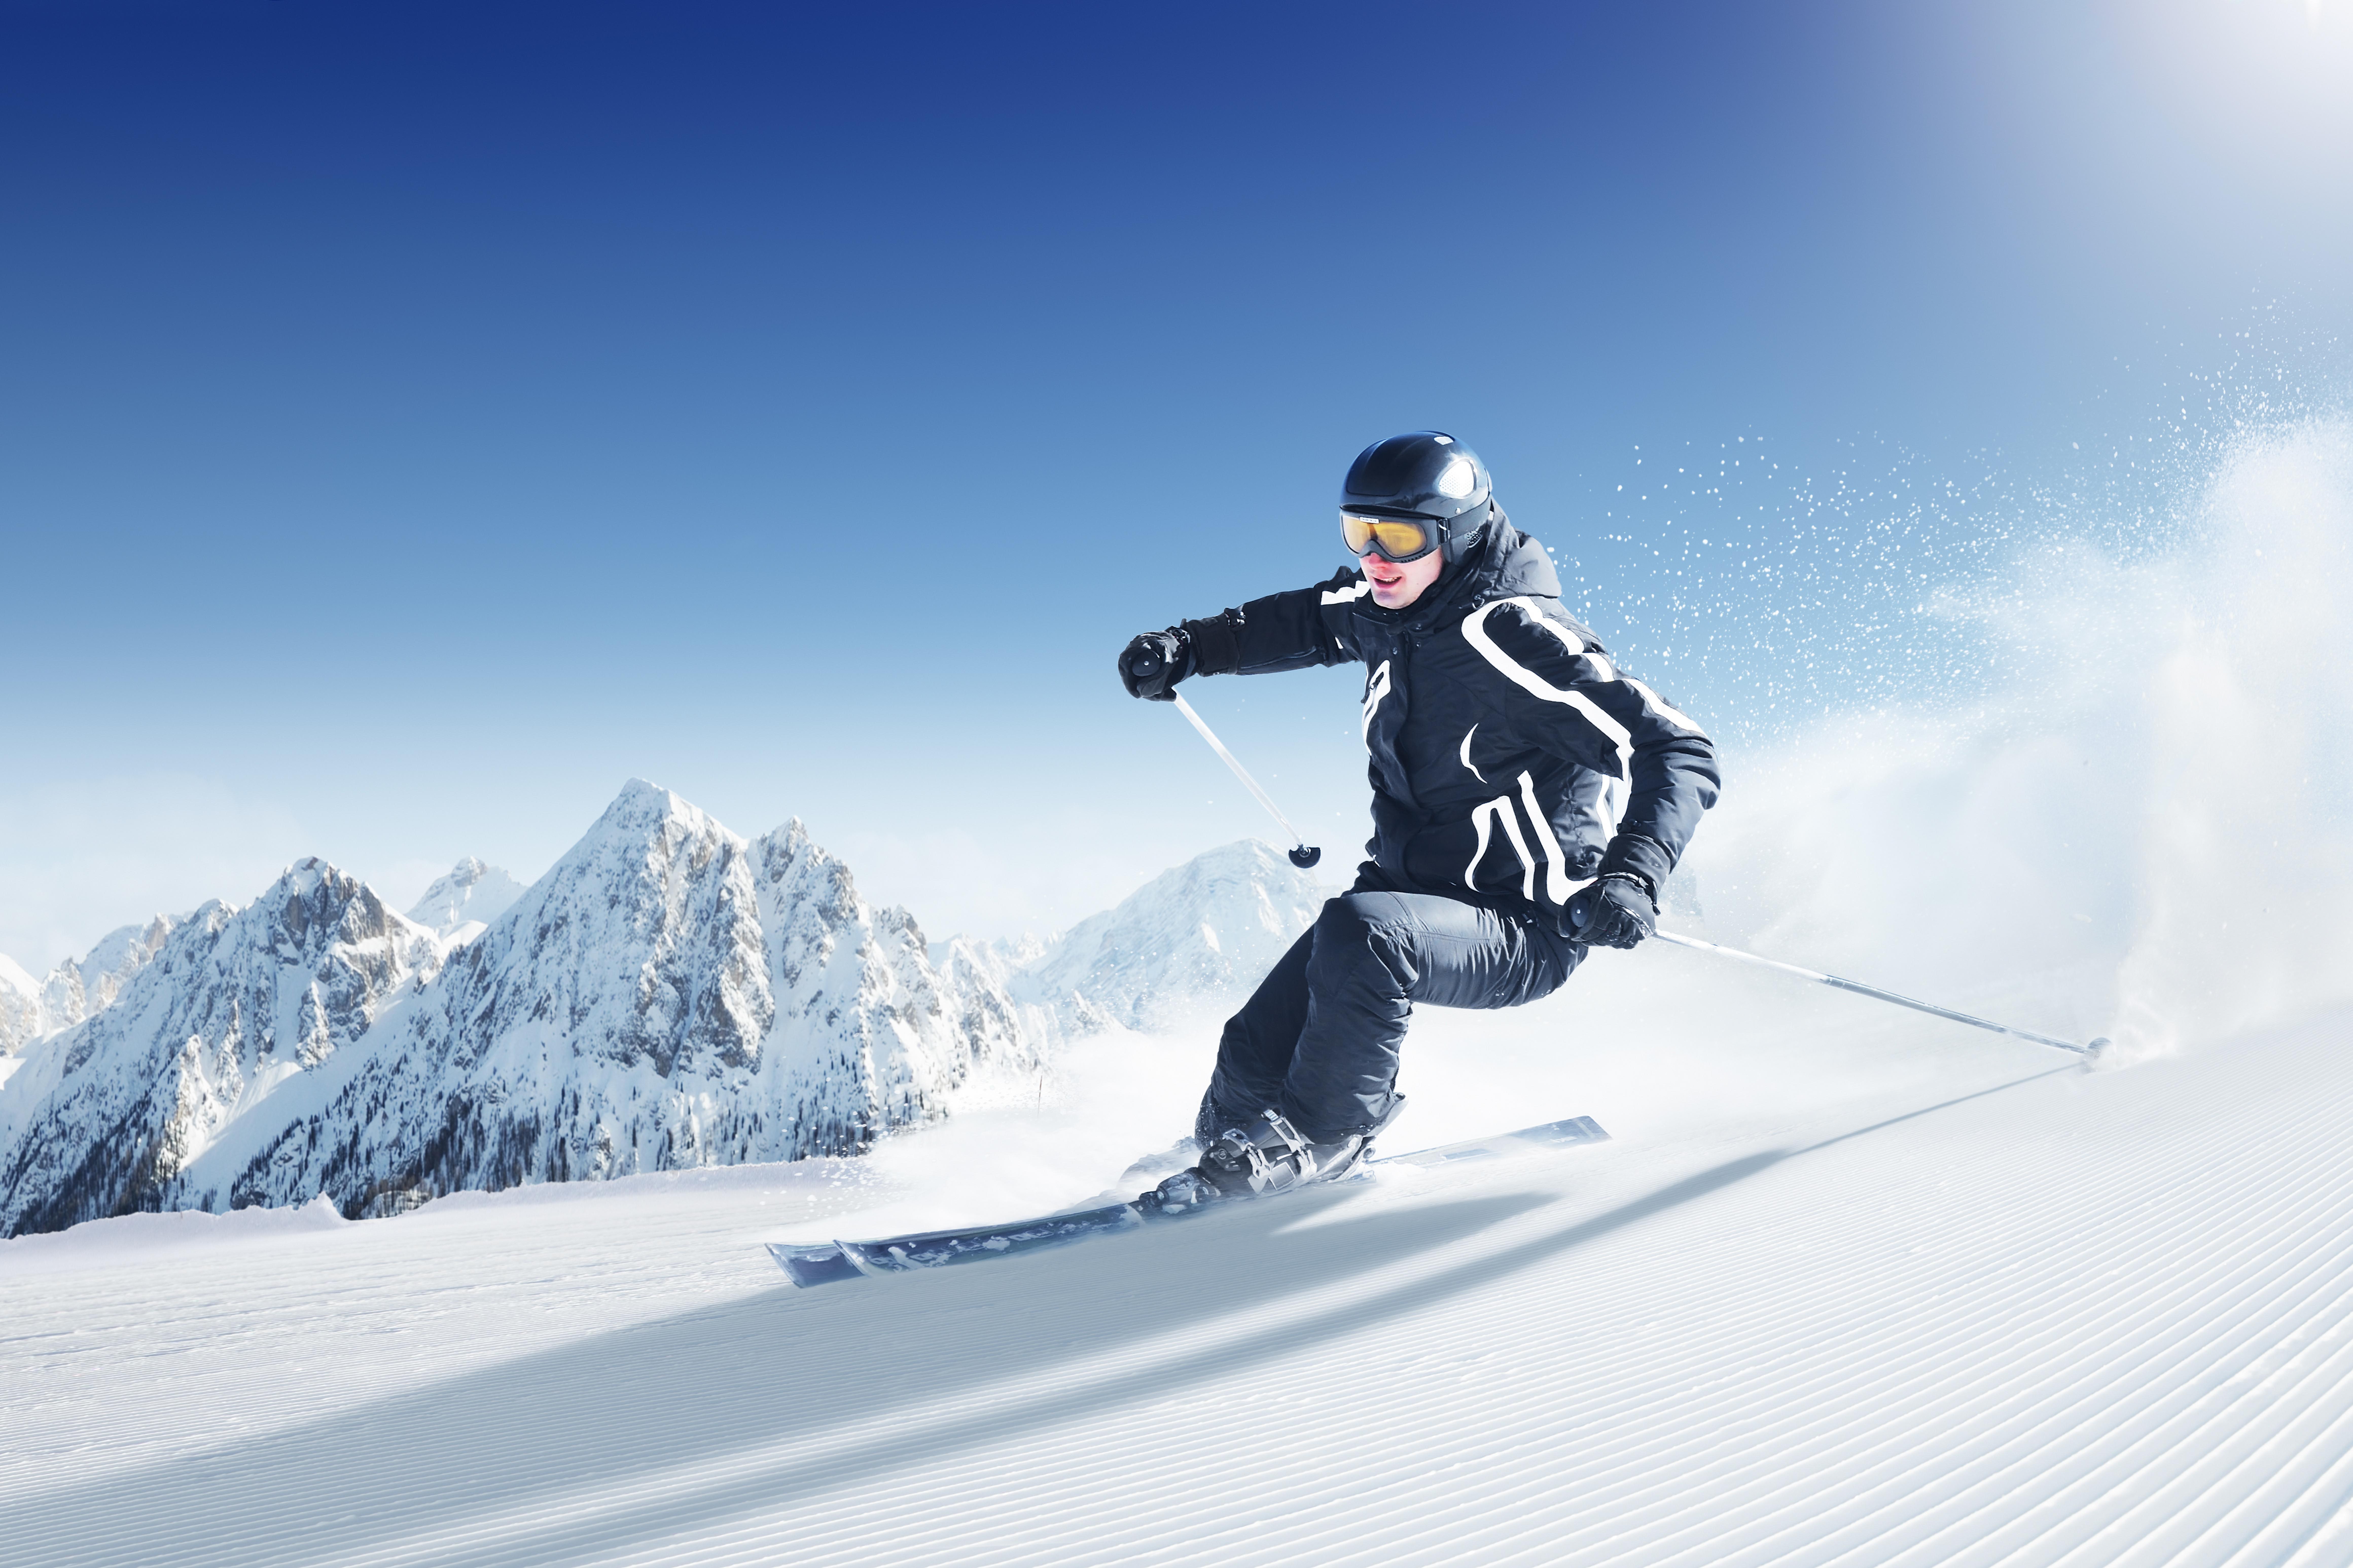 горнолыжный спорт фото теперь